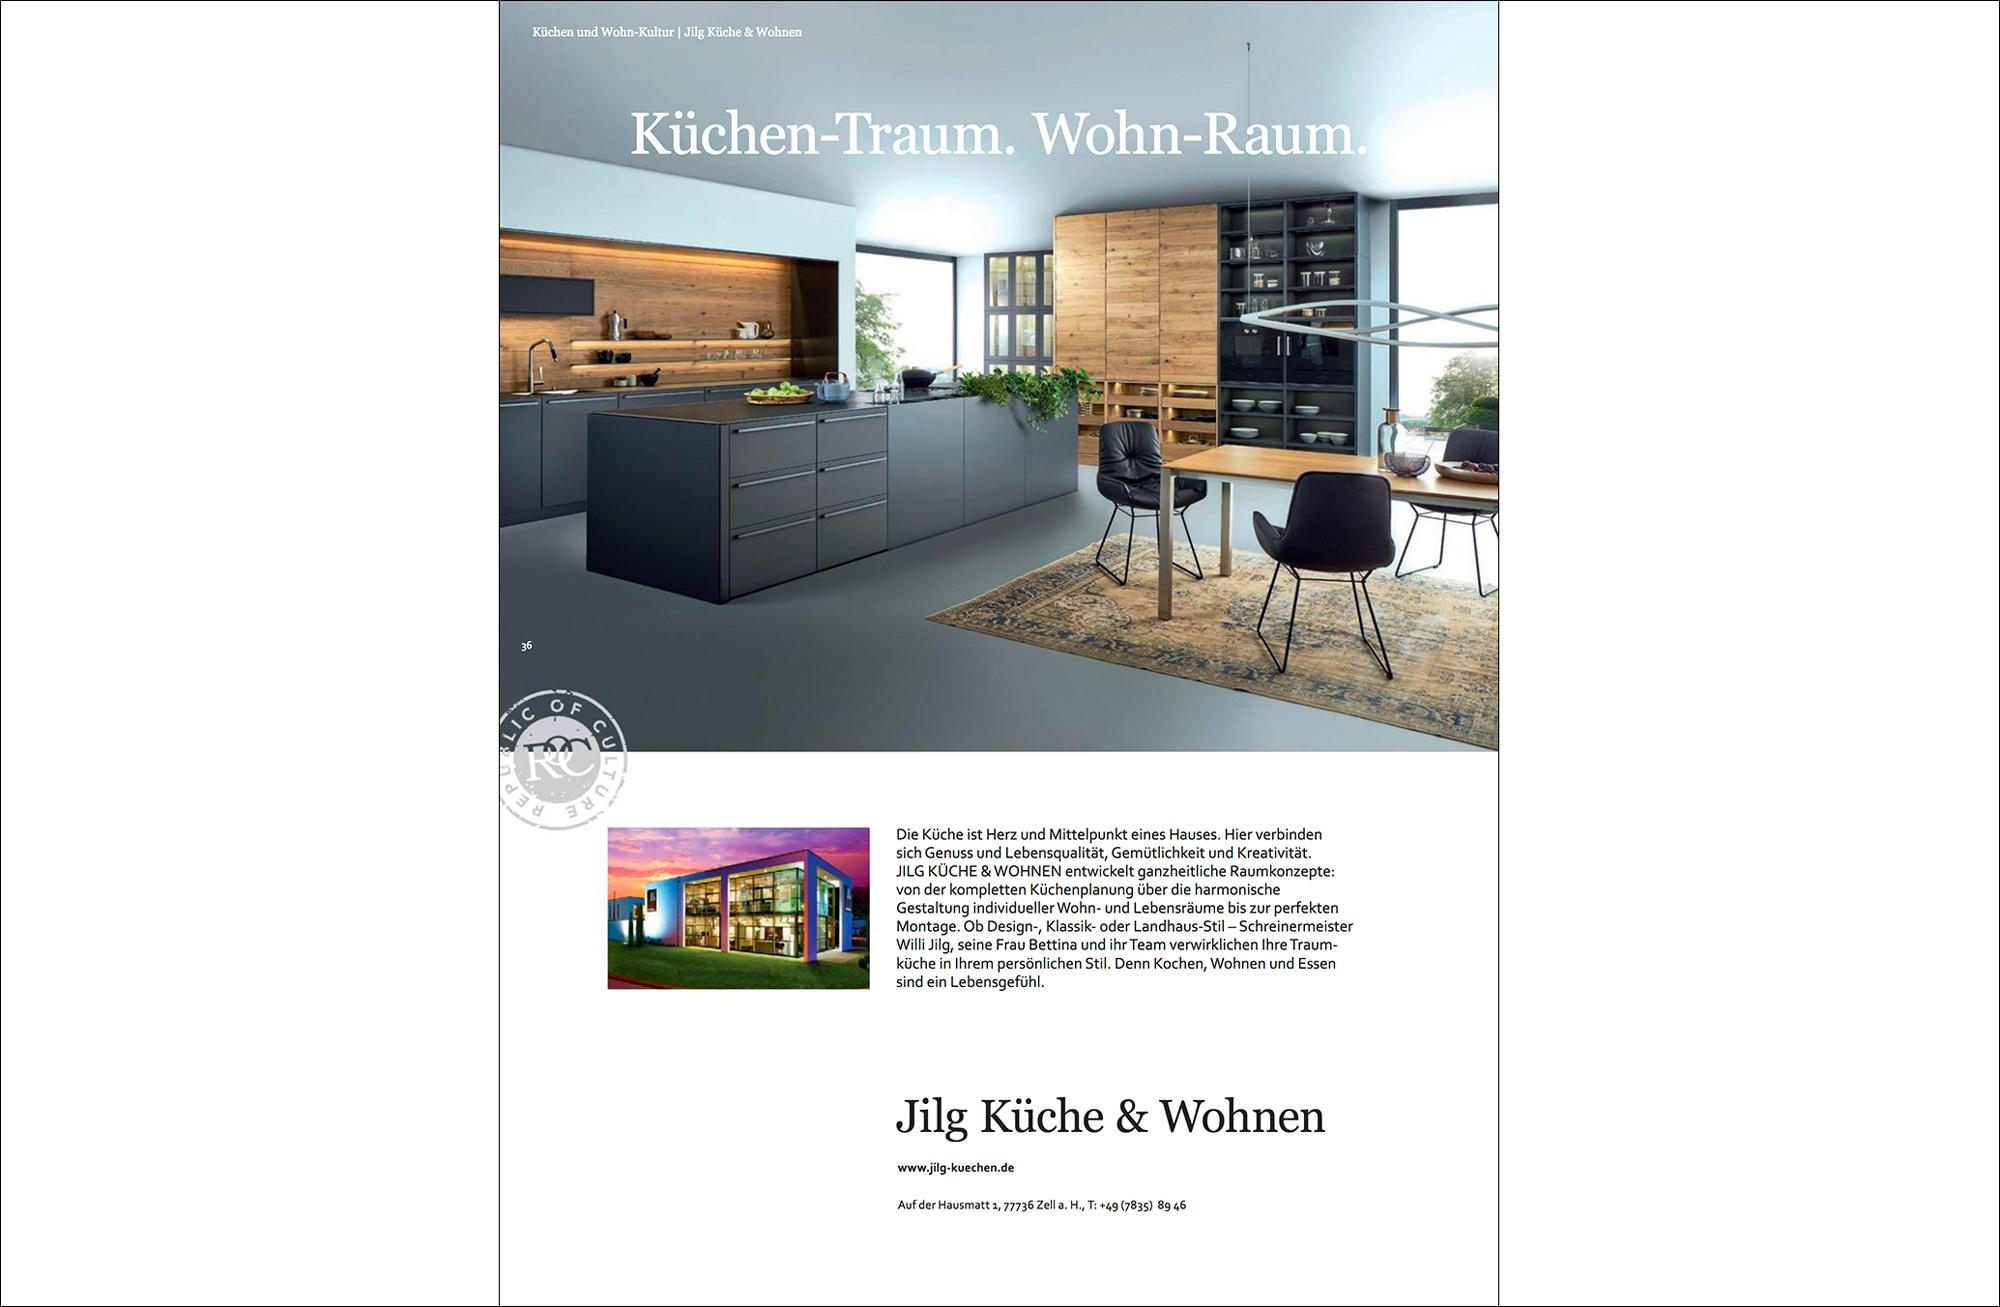 Jilg Küche & Wohnen - Gutmacher - Lust auf Gut